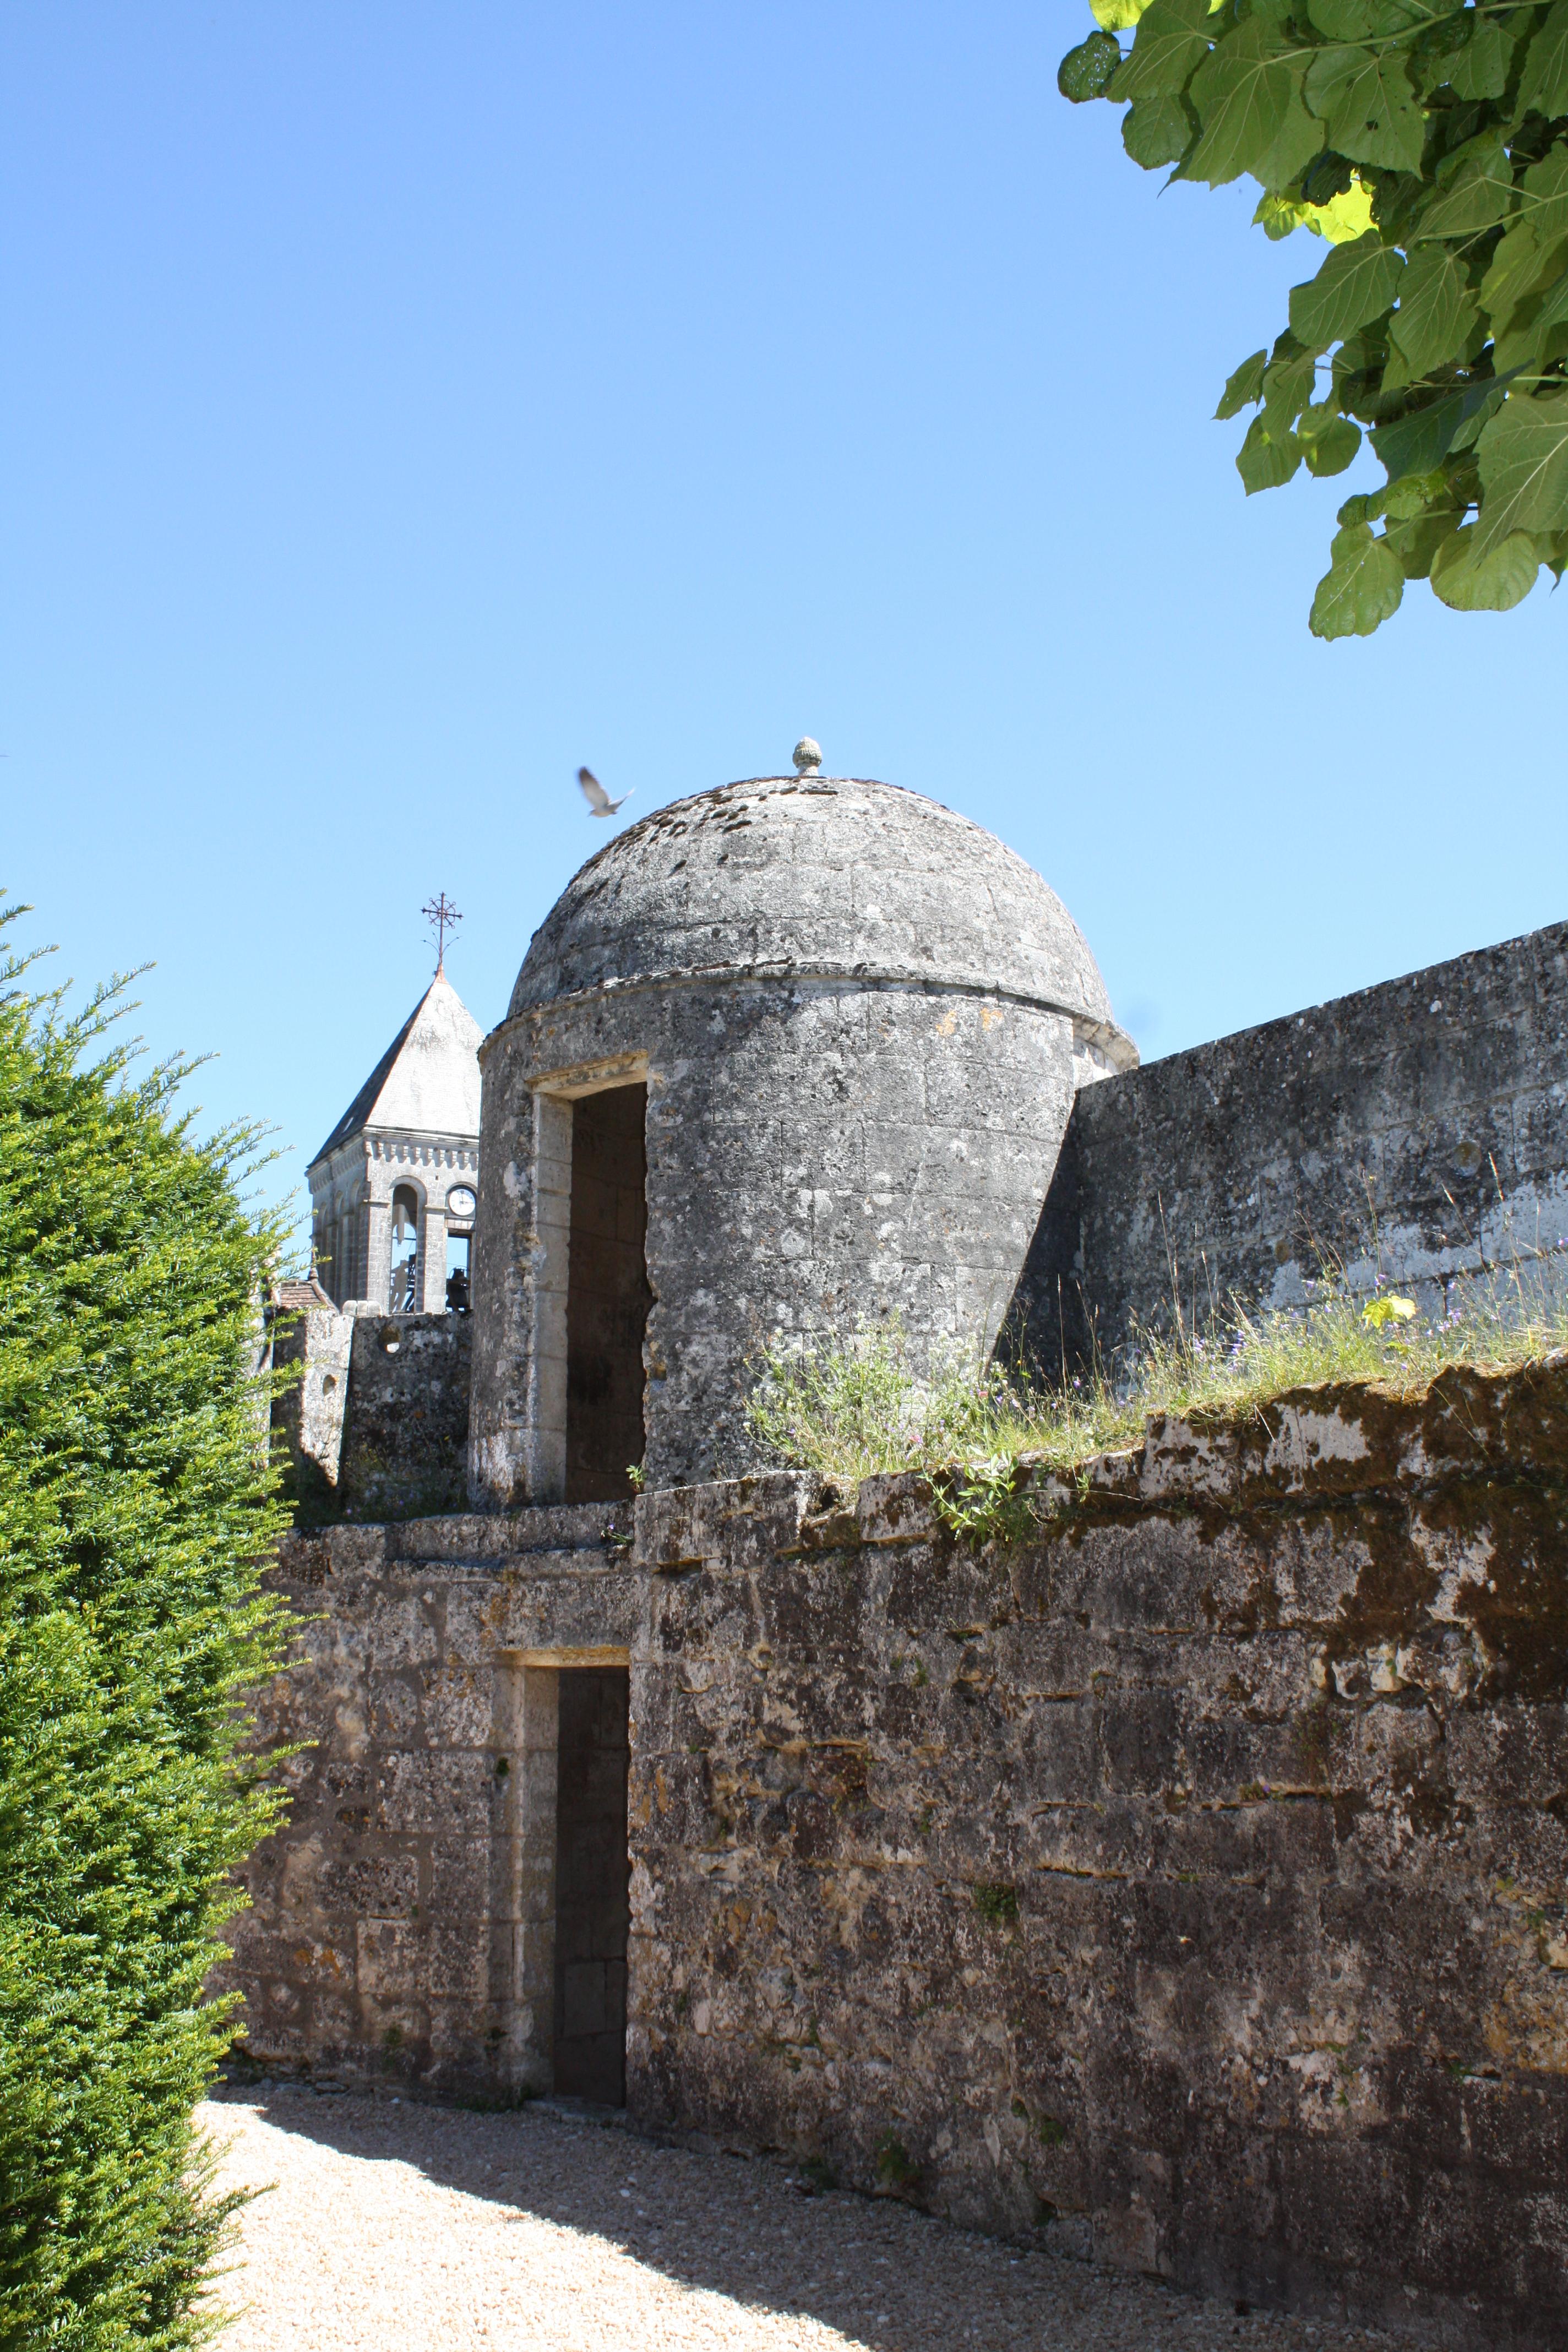 File Tourelle dans le mur au fond du jardin Ch¢teau de Bourdeilles